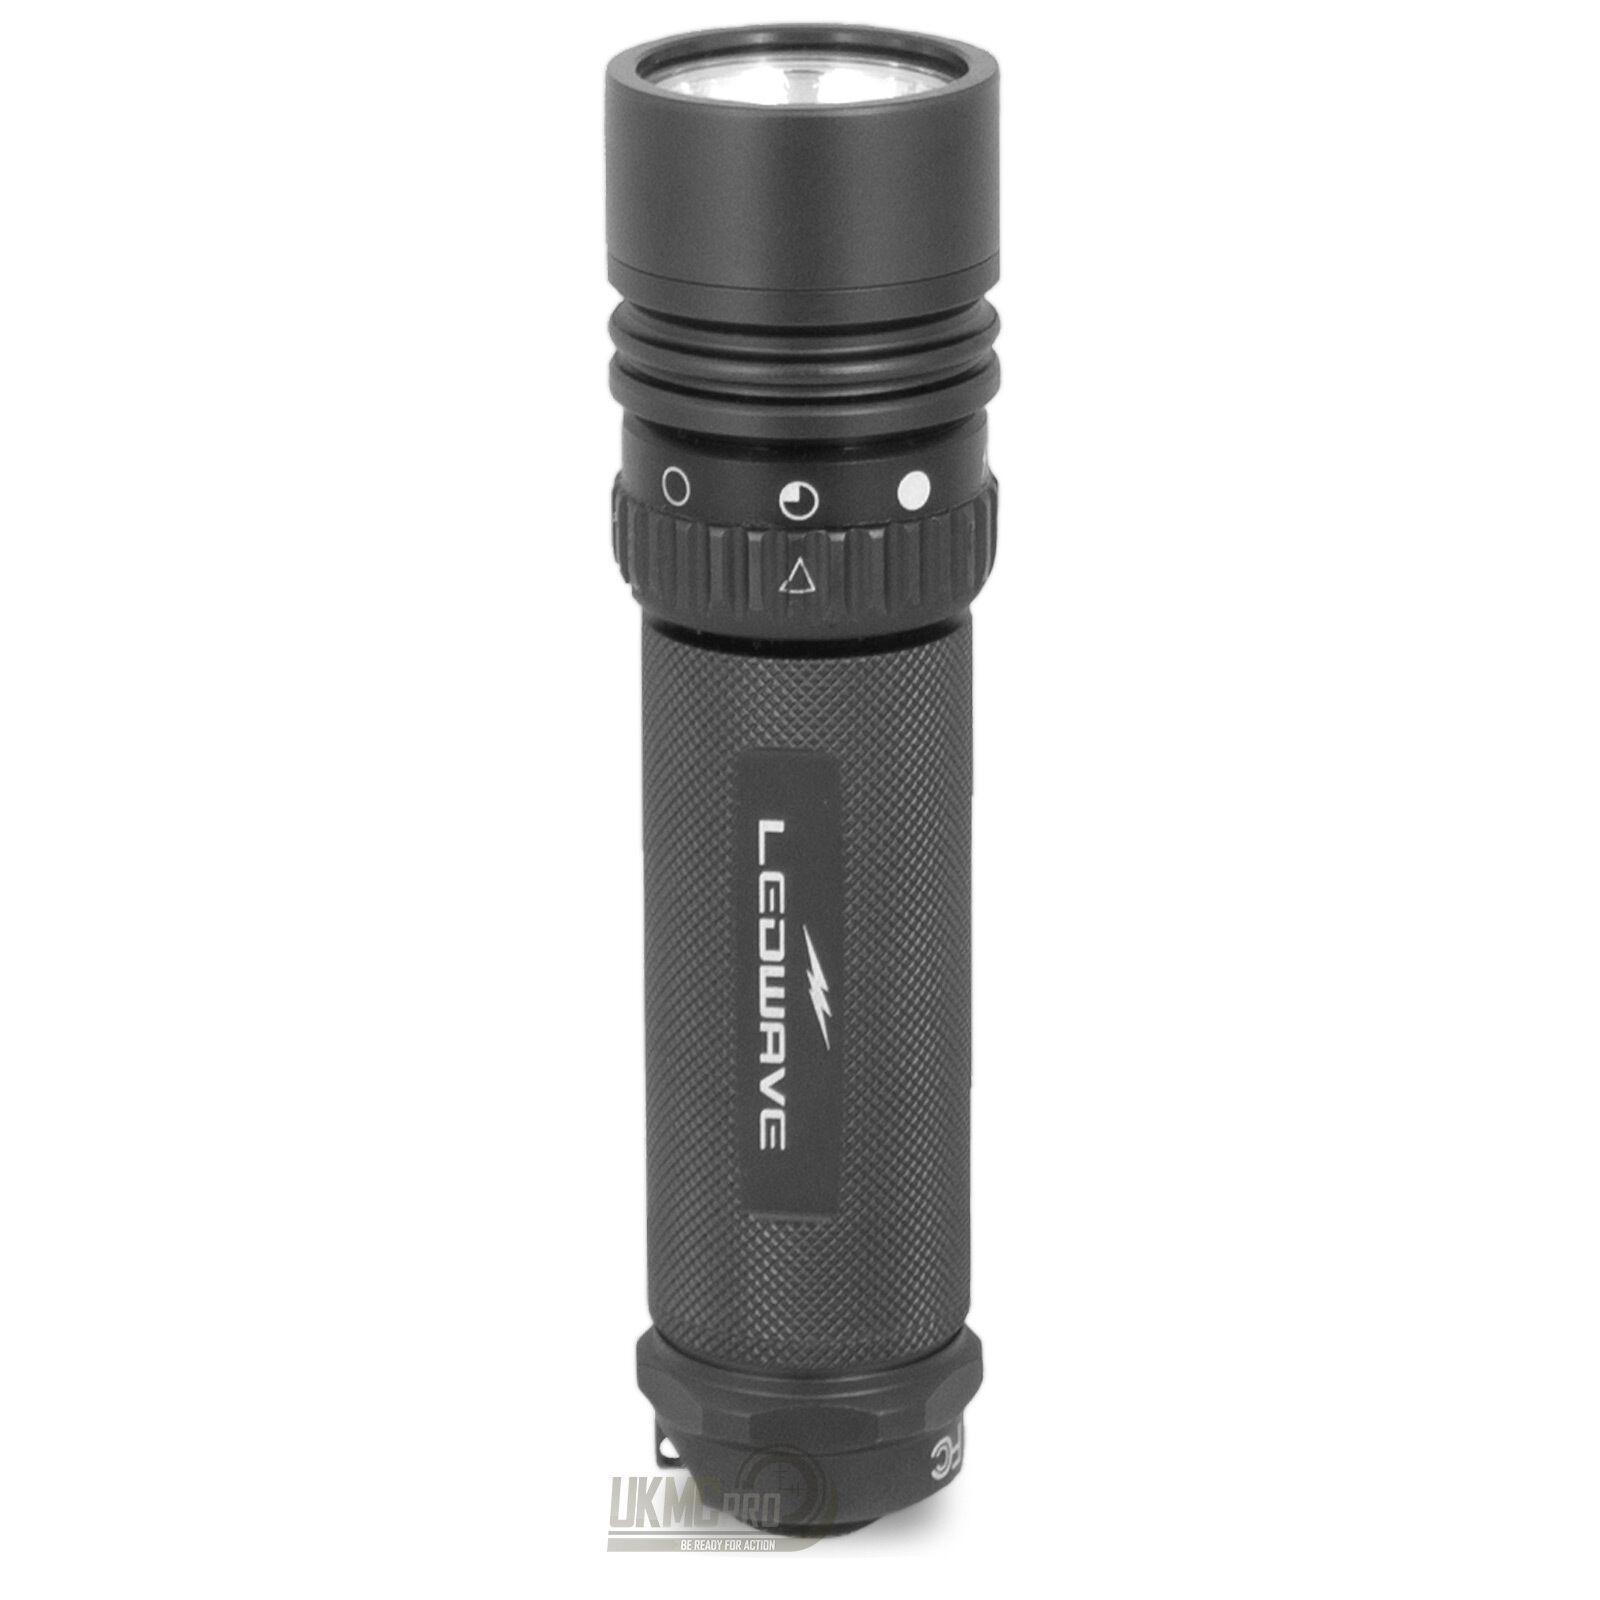 Ledwave PEL-5 Tactical Tac Police Equipment Light LED Handheld Torch Flashlight